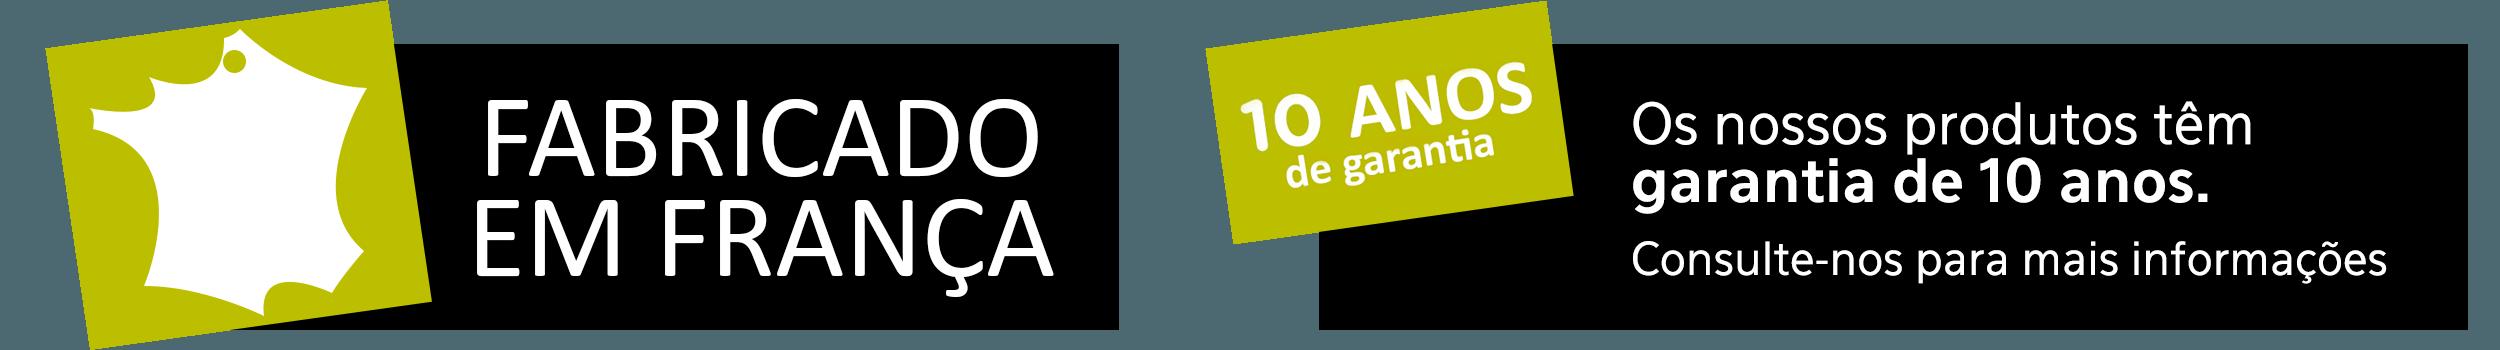 Fichet 10 Anos de Garantia Fabricado em França